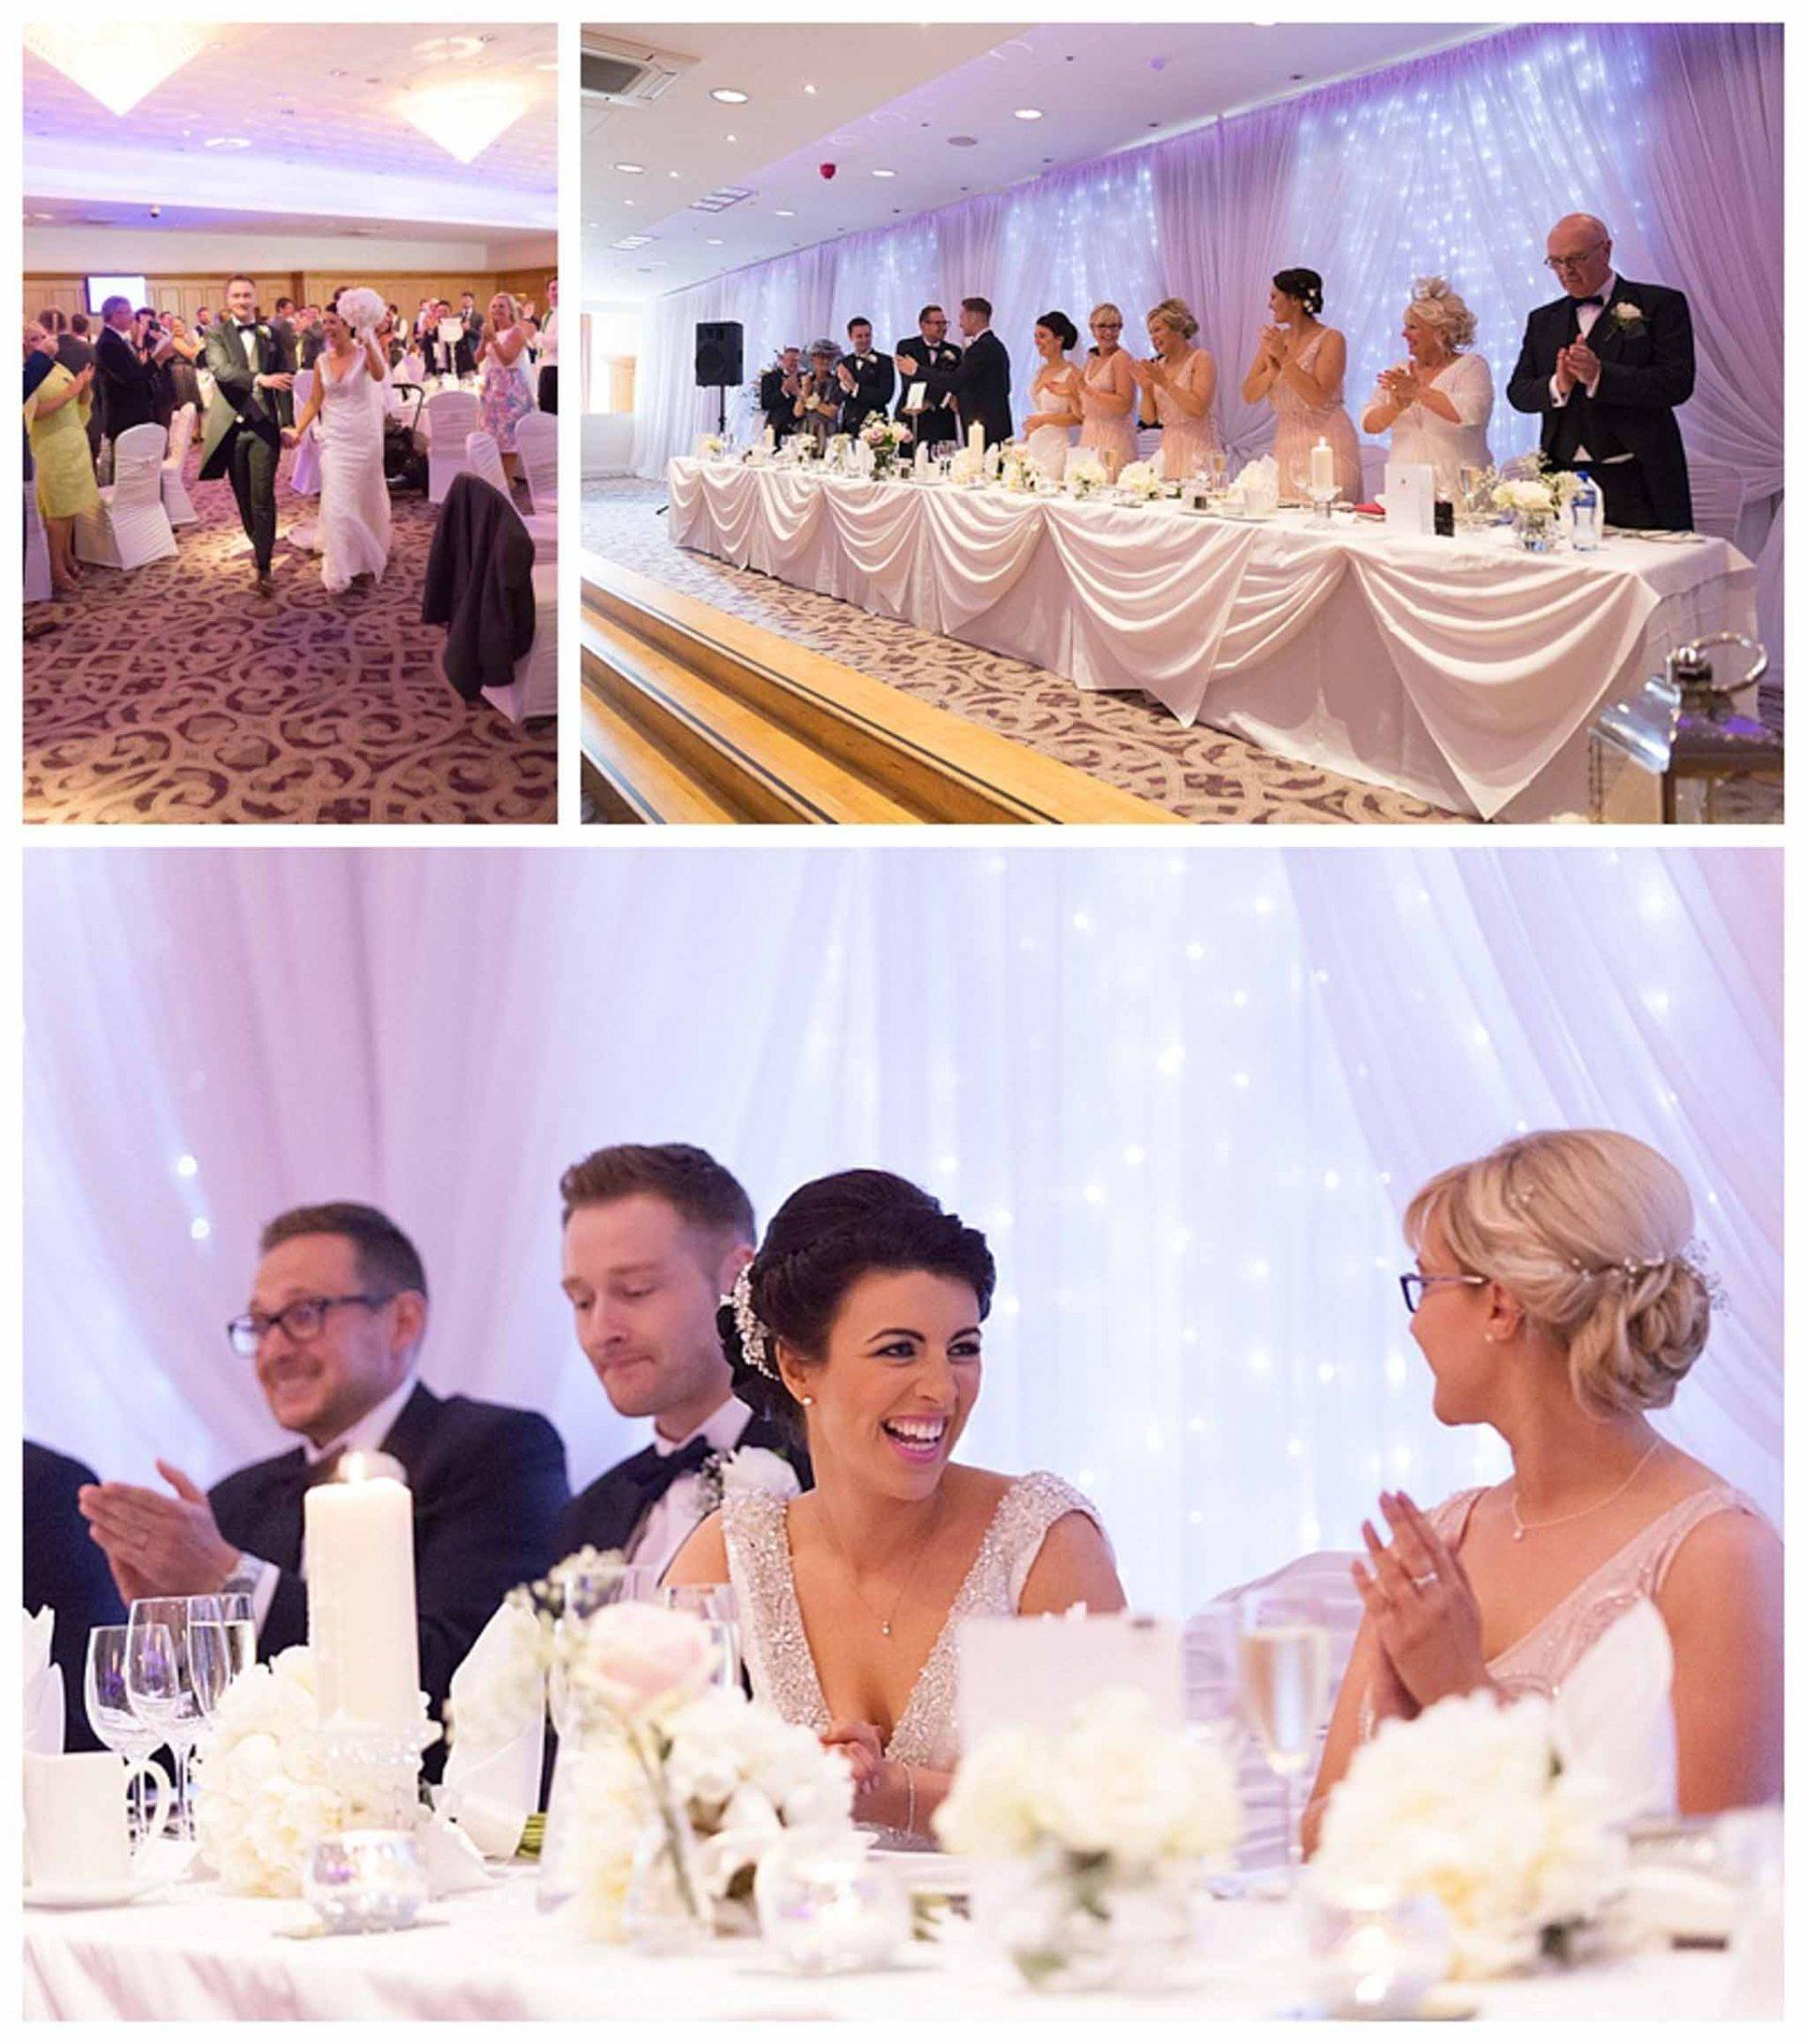 Slieve Donard Wedding Danielle & Glenn by Ricky Parker Photography-54